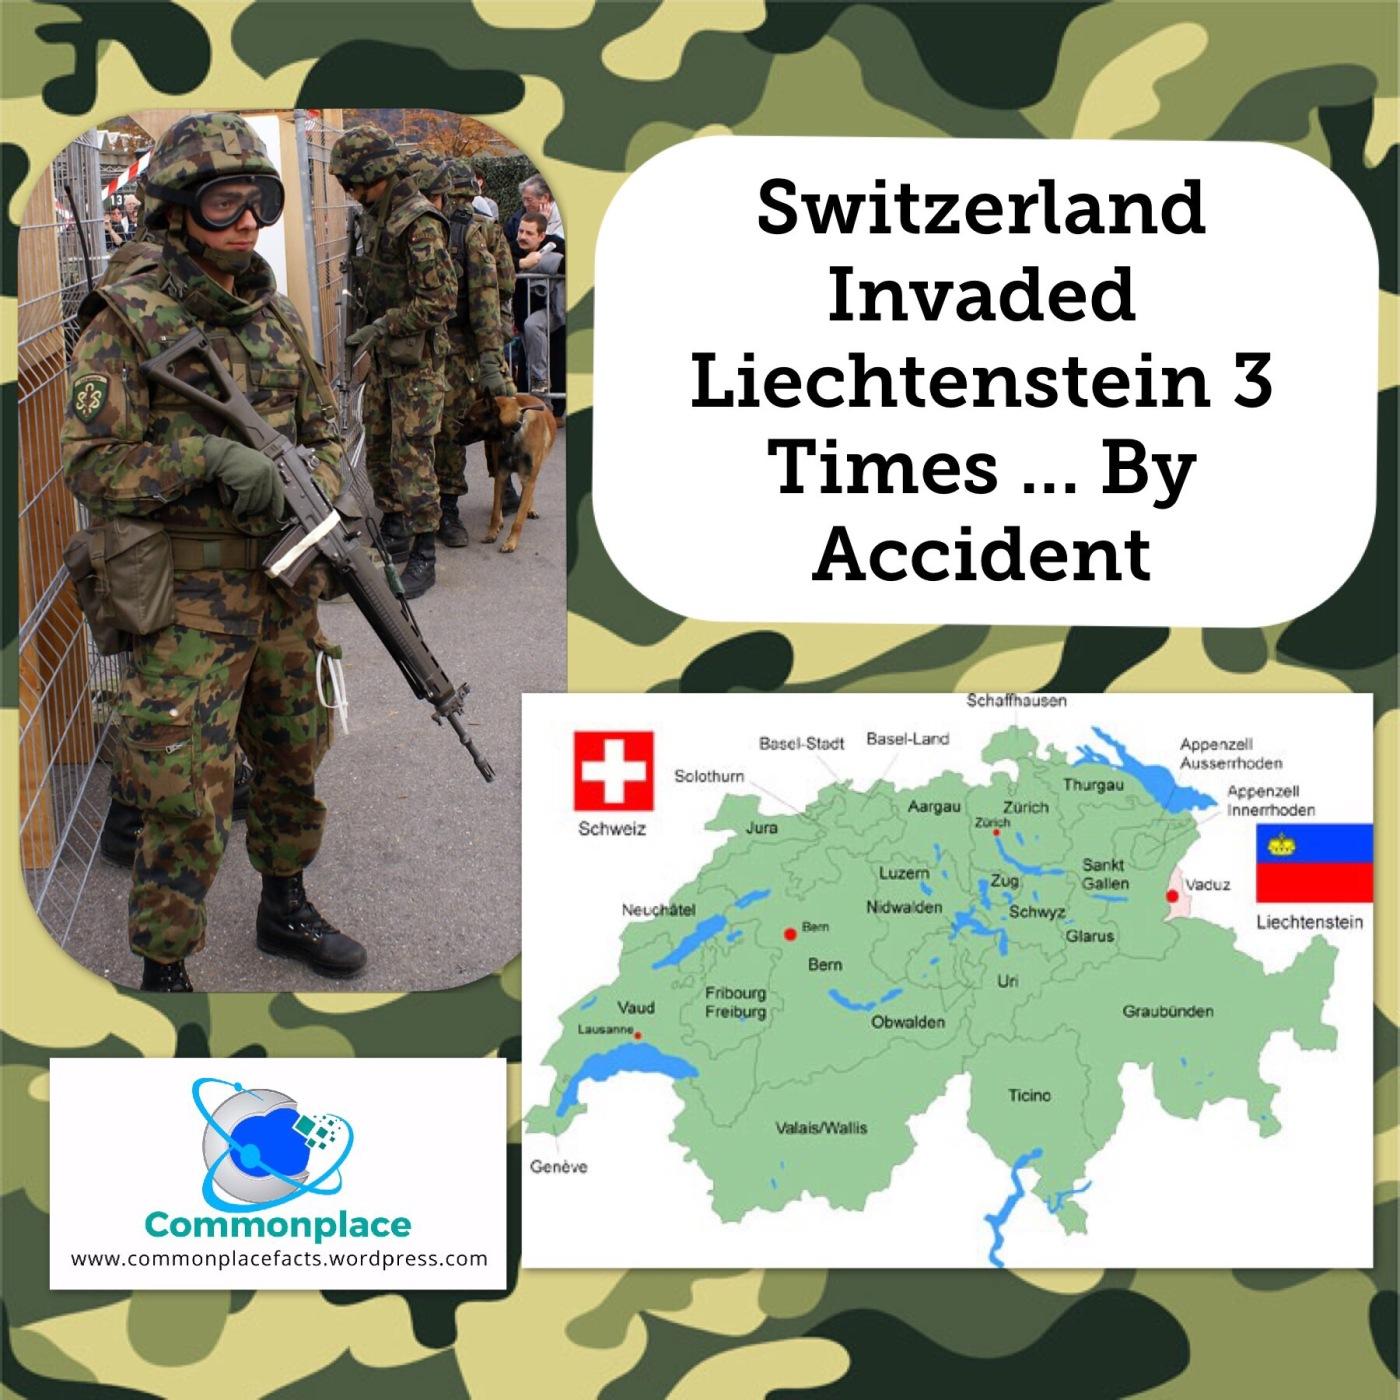 #Liechtenstein #Switzerland #whoops #invasion #funfacts